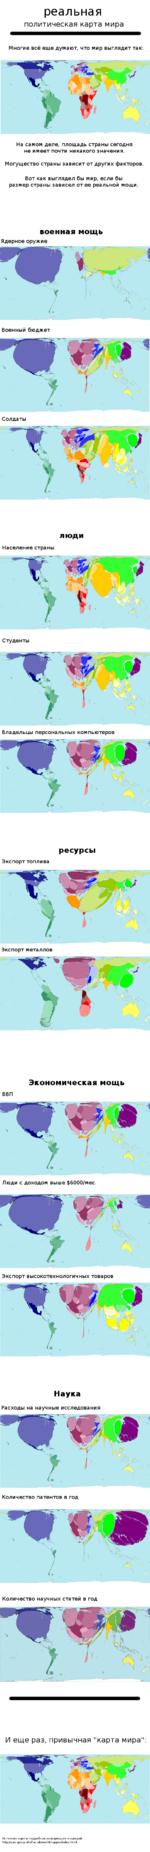 реальная политическая карта мира Многие всё еще думают, что мир выглядит так: На самом деле, площадь страны сегодня не имеет почти никакого значения. Могущество страны зависит от других факторов. Вот как выглядел бы мир, если бы размер страны зависел от ее реальной мощи. военная мощь Ядерное